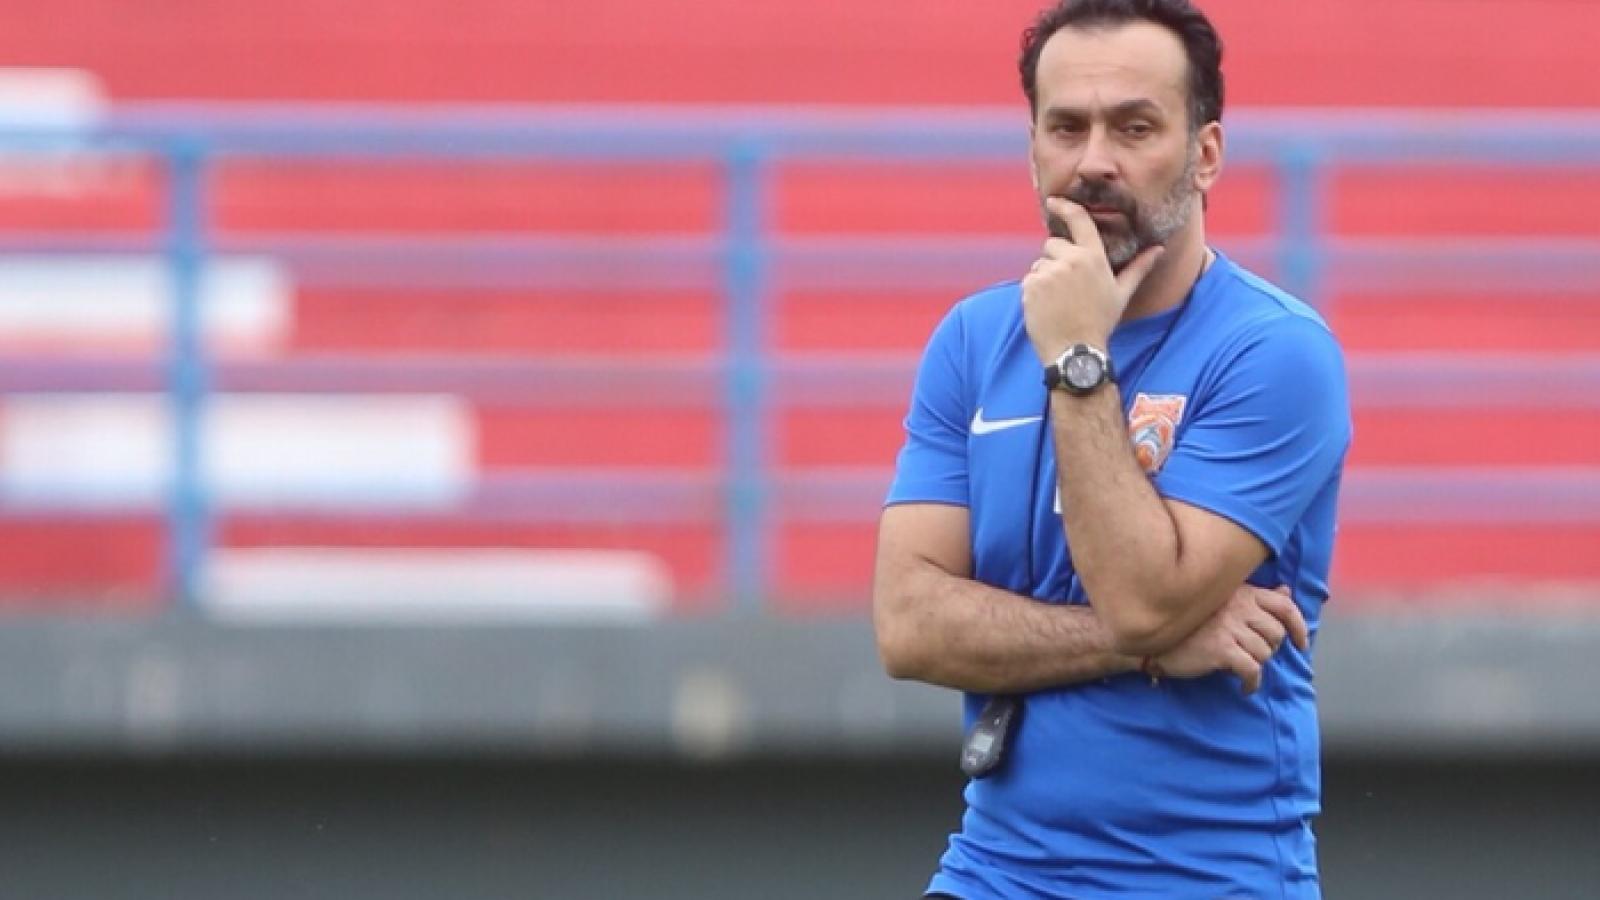 Toàn thua 3 vòng ở V-League 2020, Thanh Hóa chia tay HLV Fabio Lopez